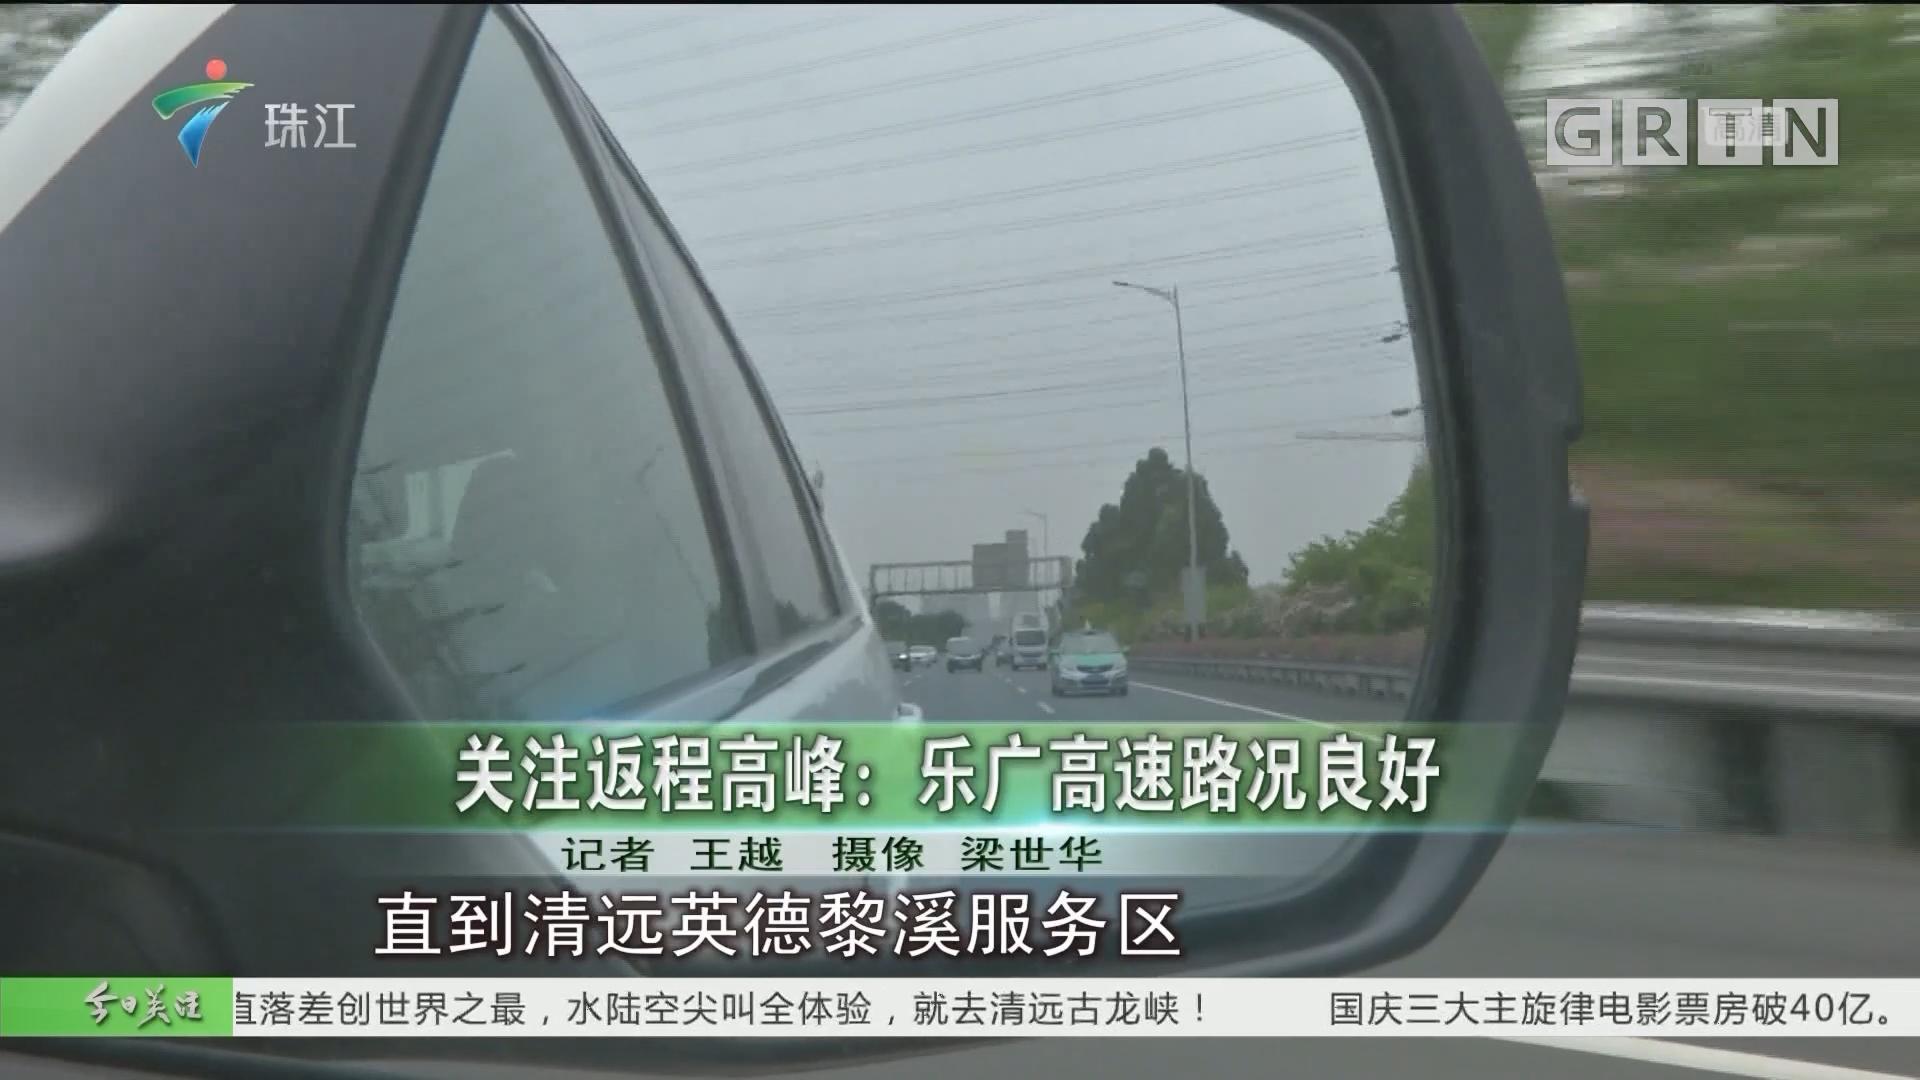 关注返程高峰:乐广高速路况良好